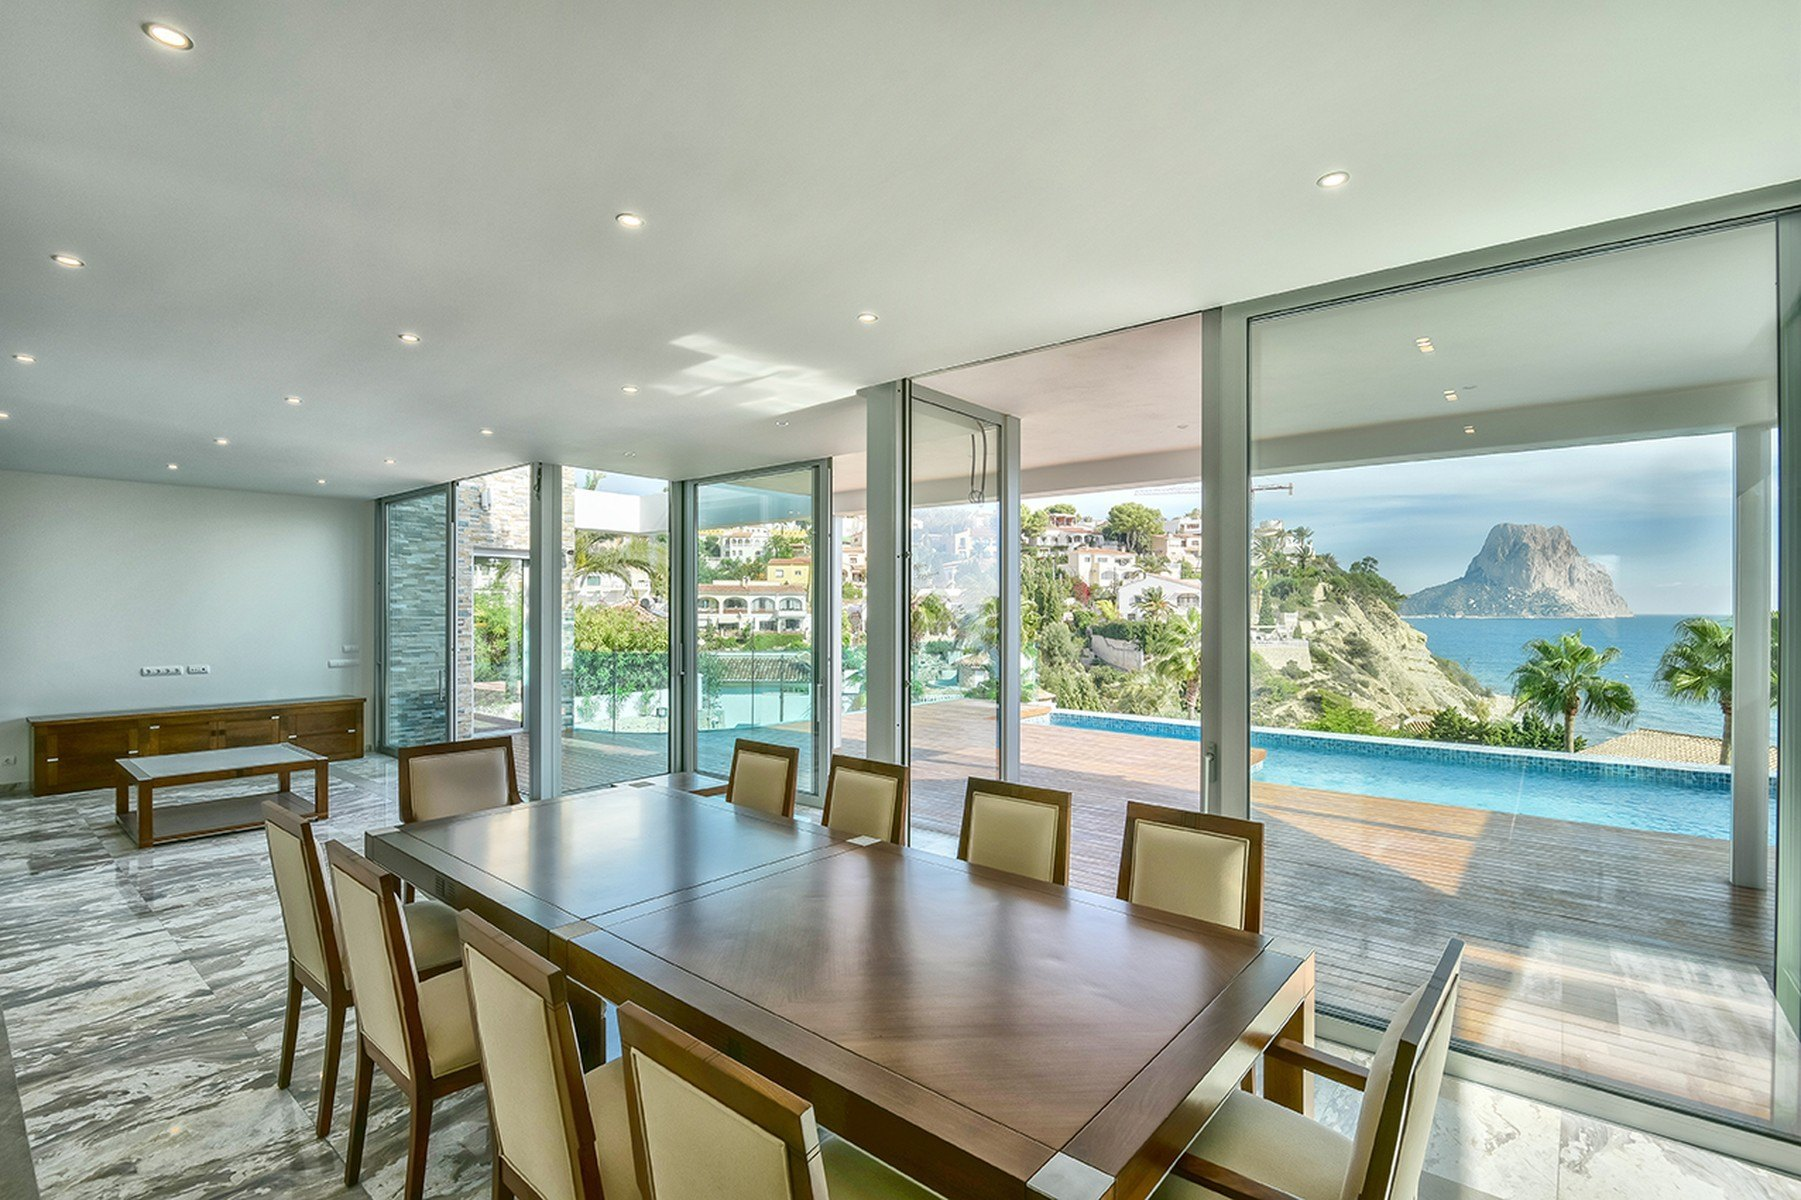 Chalet de lujo moderno de nueva construcción con vistas al mar en Puerto Blanco Calpe - Costa Blanca